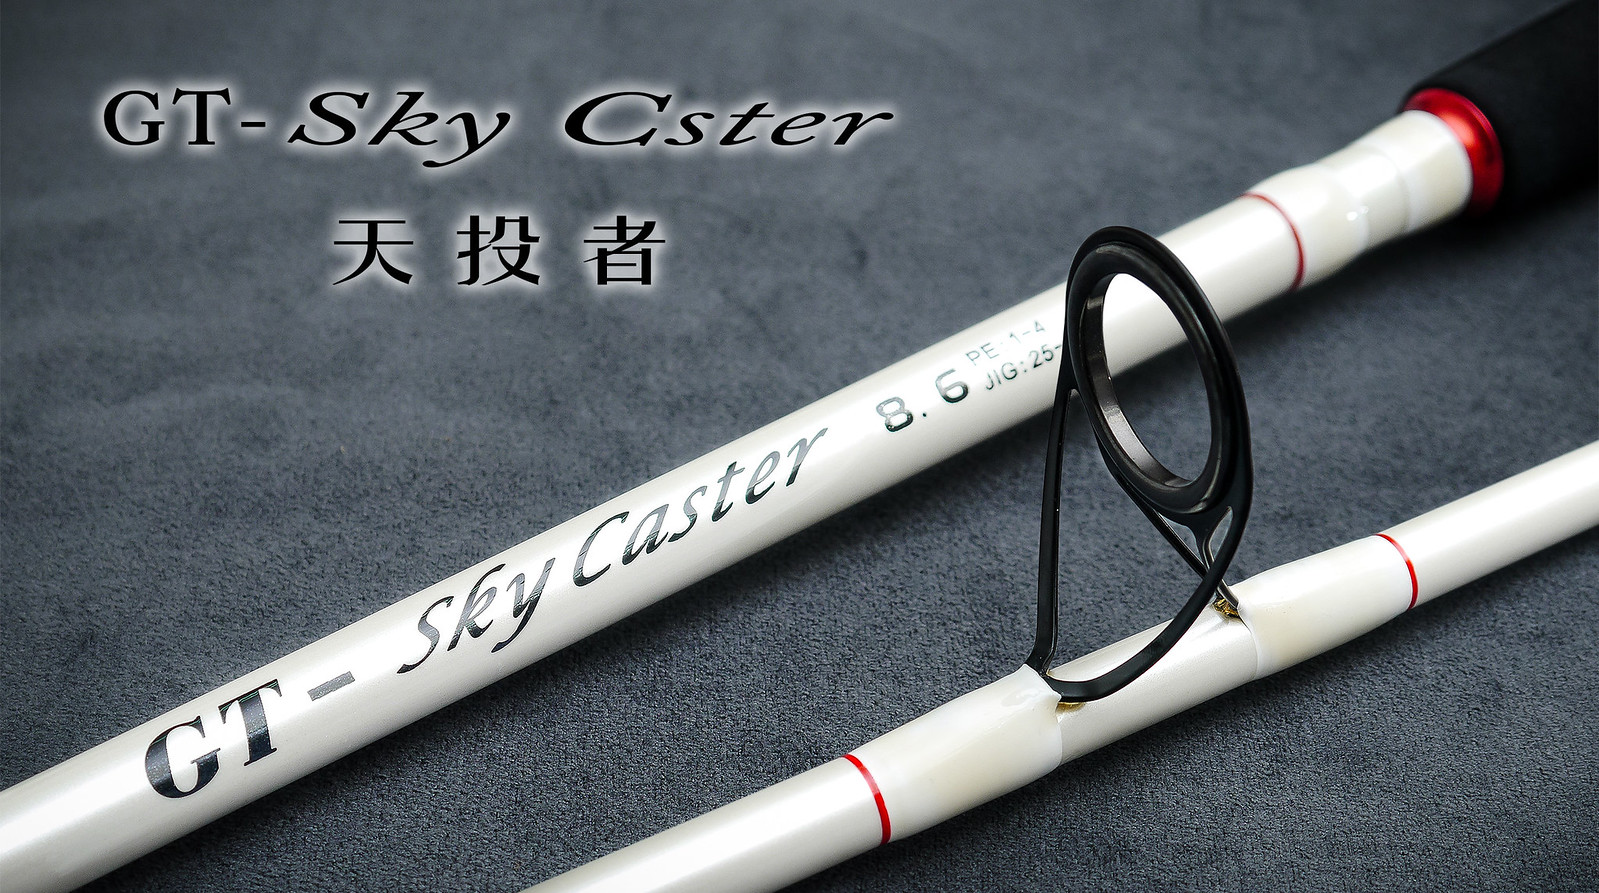 岸拋鐵板路亞竿-GT-SKY CASTER 天投者 | Flickr